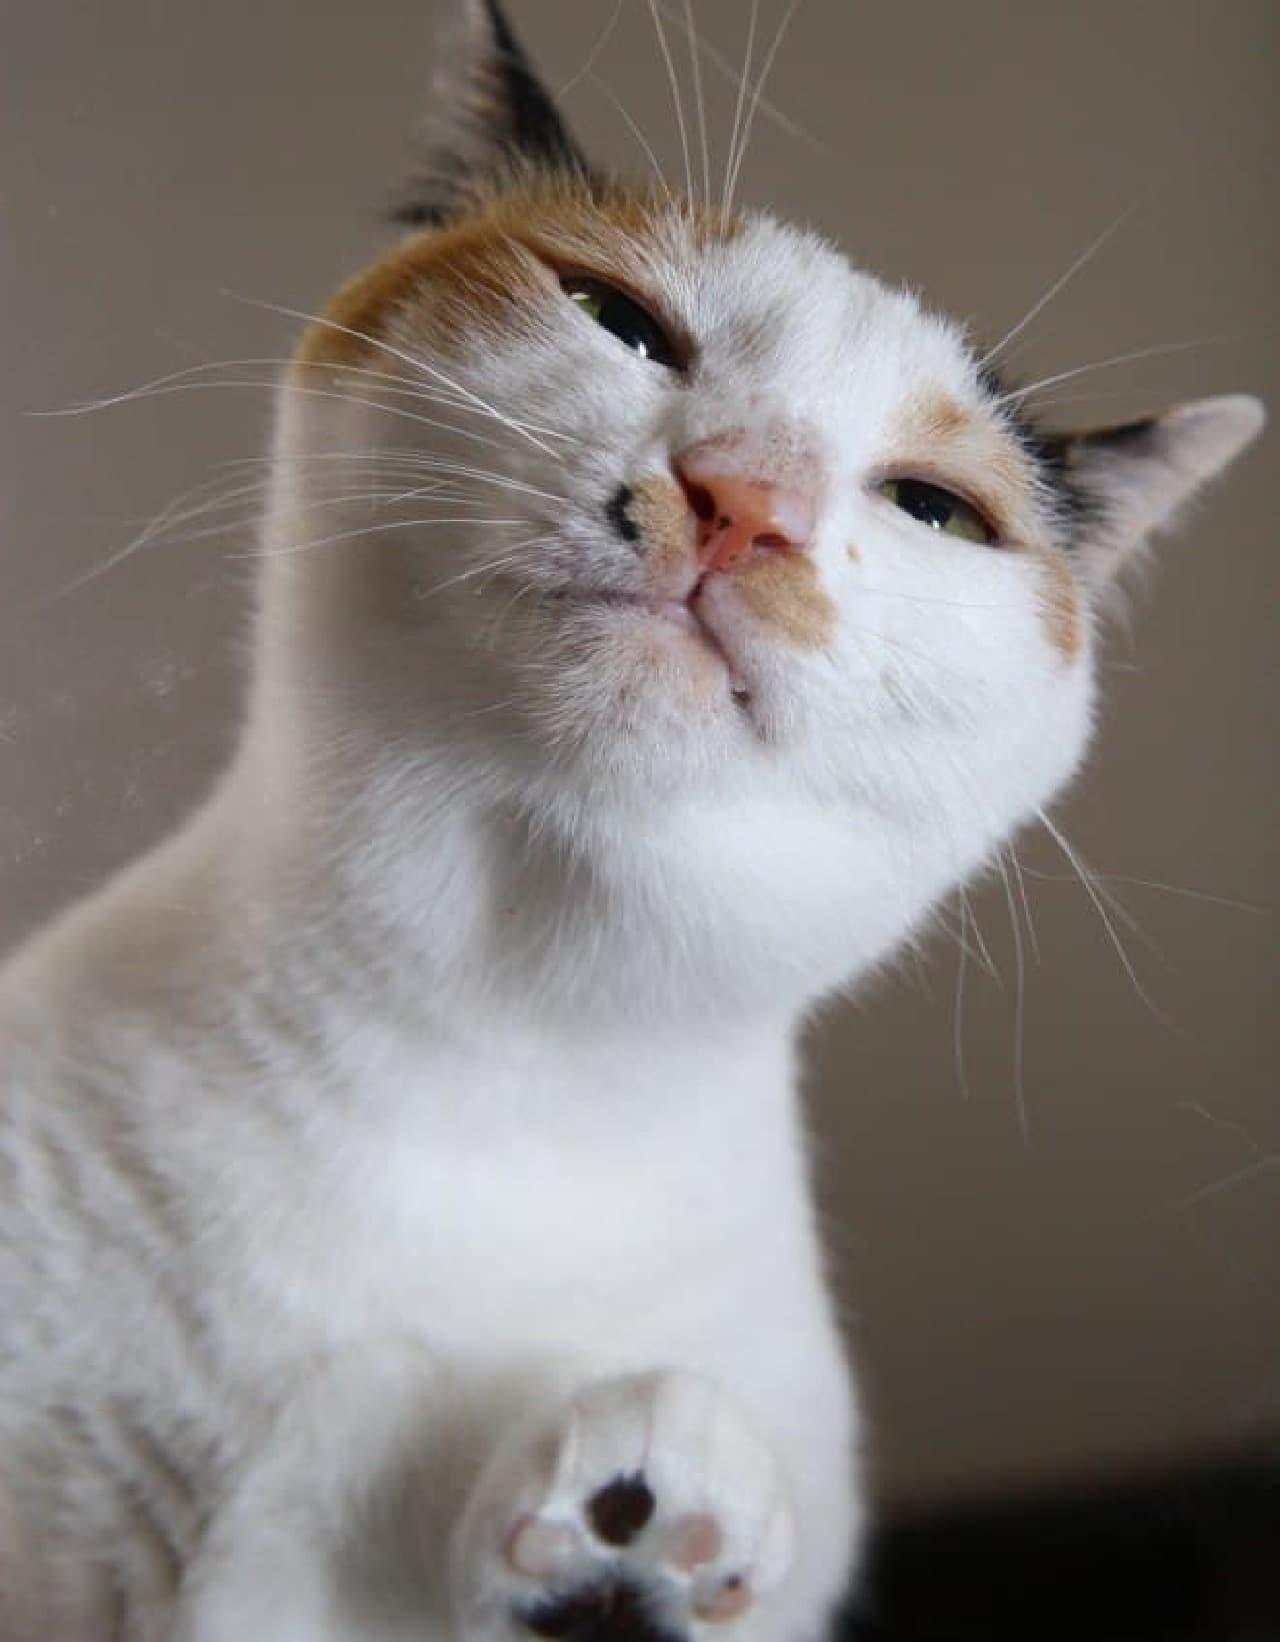 にゃんたま」の芳澤ルミ子さんによる最新写真集『ネコの裏側』